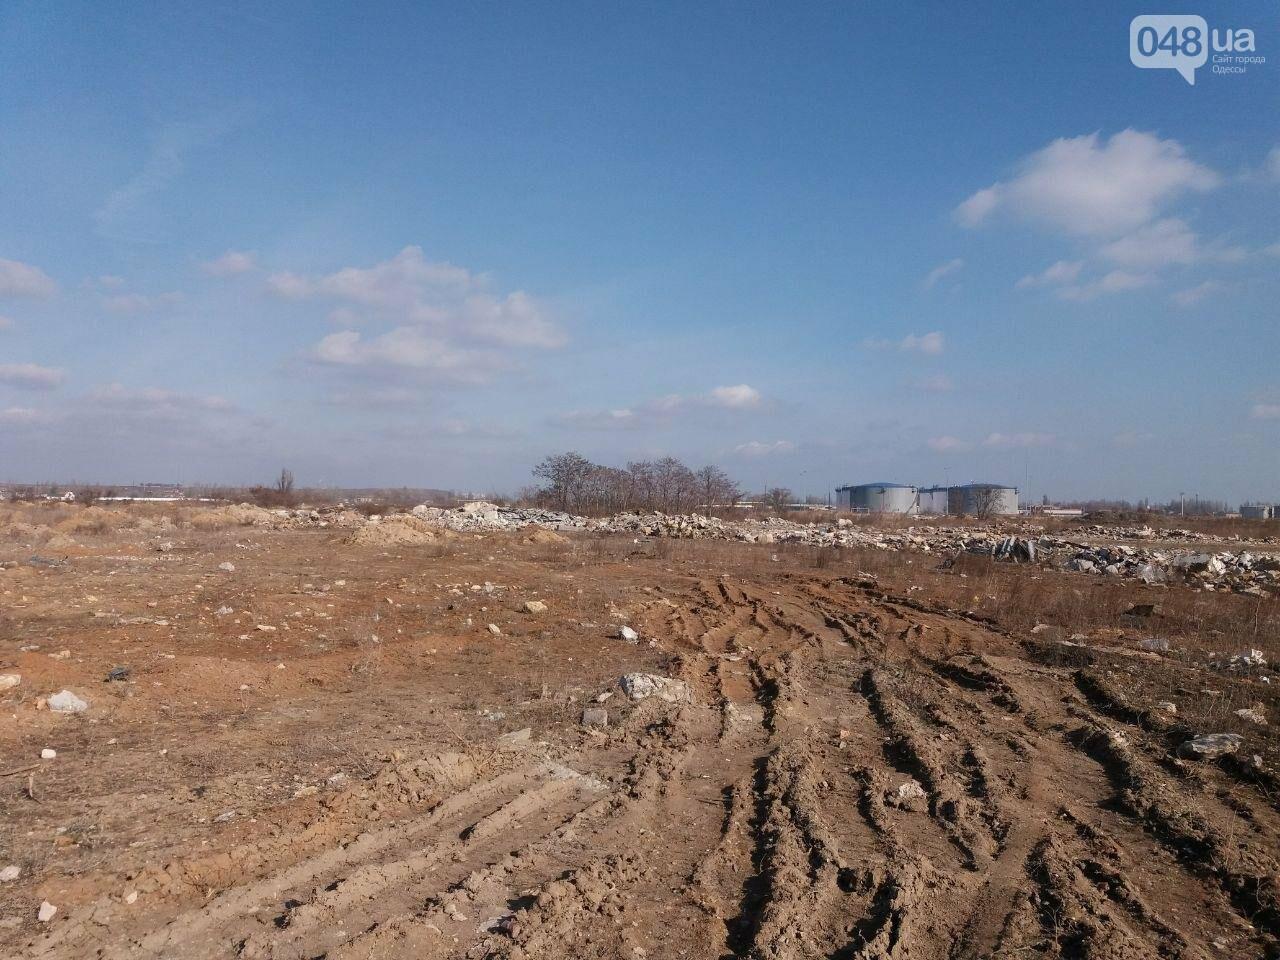 """Строительство """"из фекалий"""", незаконная свалка, угроза прорыва дамбы в Одессе,- ФОТО, ВИДЕО, фото-23"""